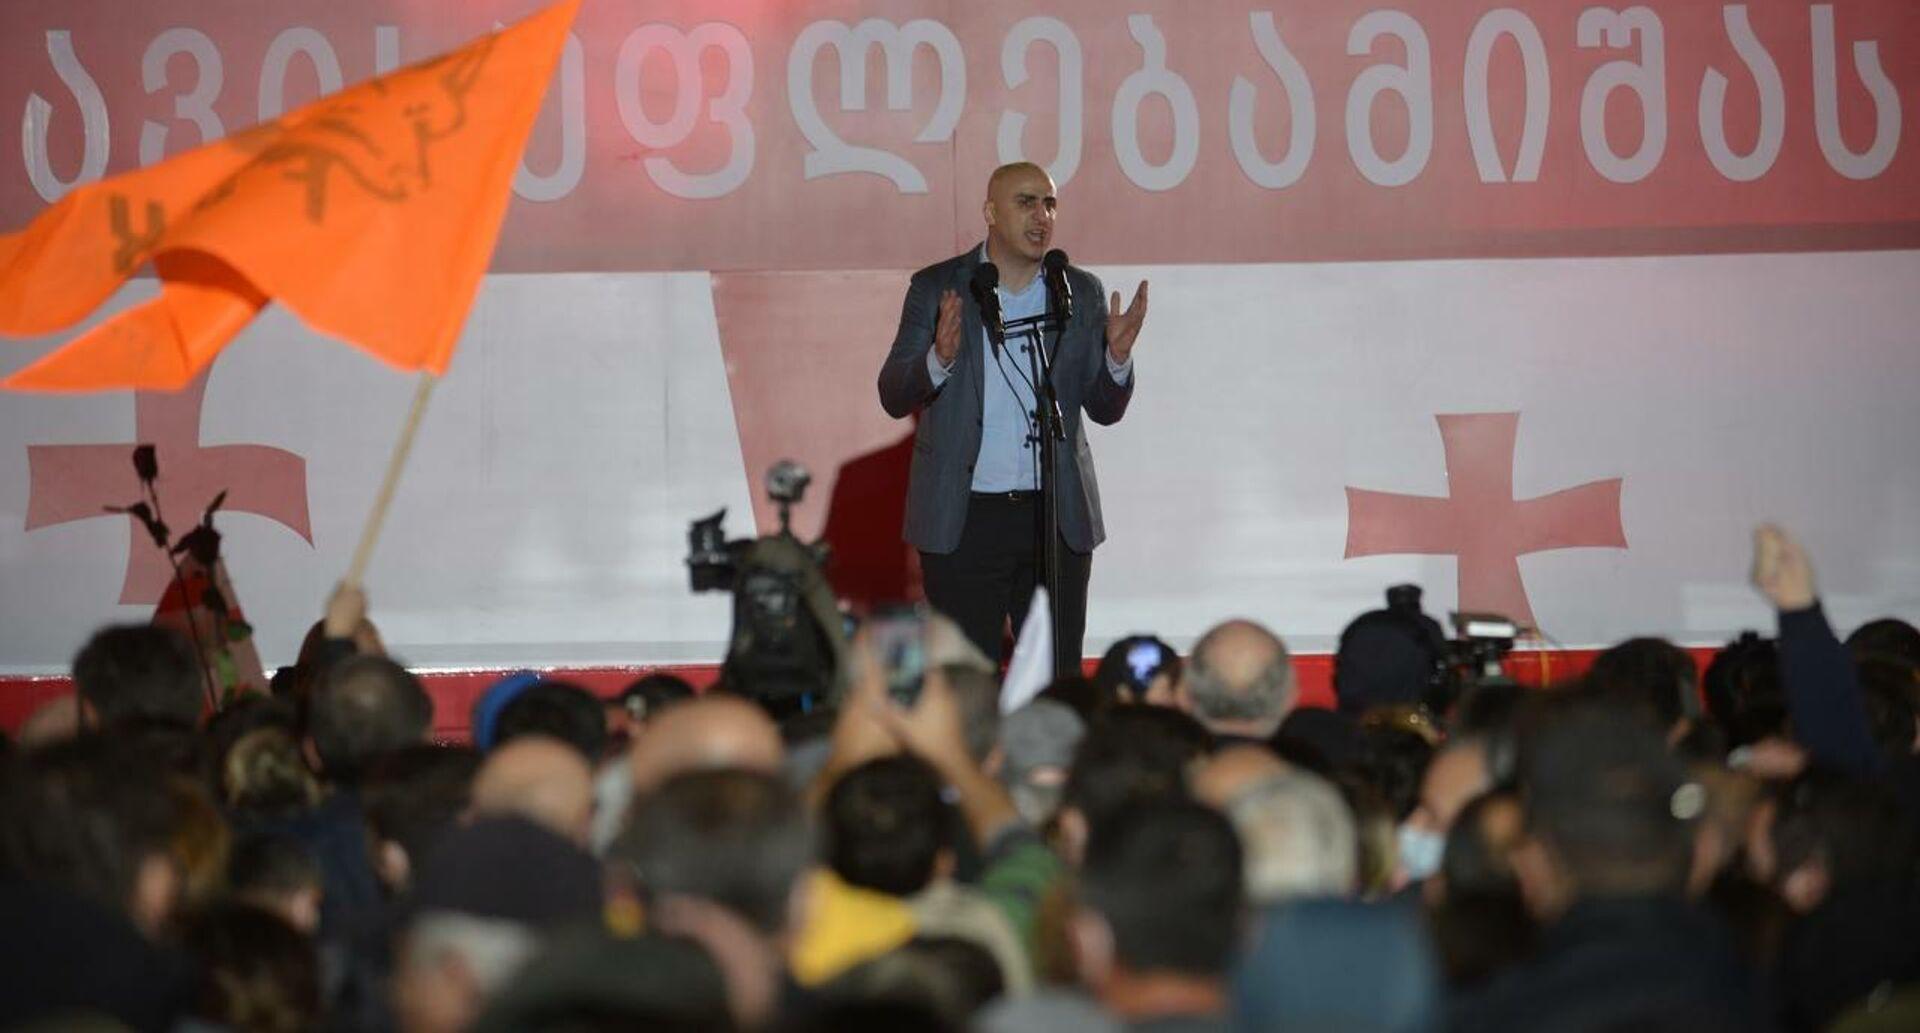 Ника Мелия на акции протеста оппозиции и ЕНД на площади Свободы 14 октября - Sputnik Грузия, 1920, 14.10.2021